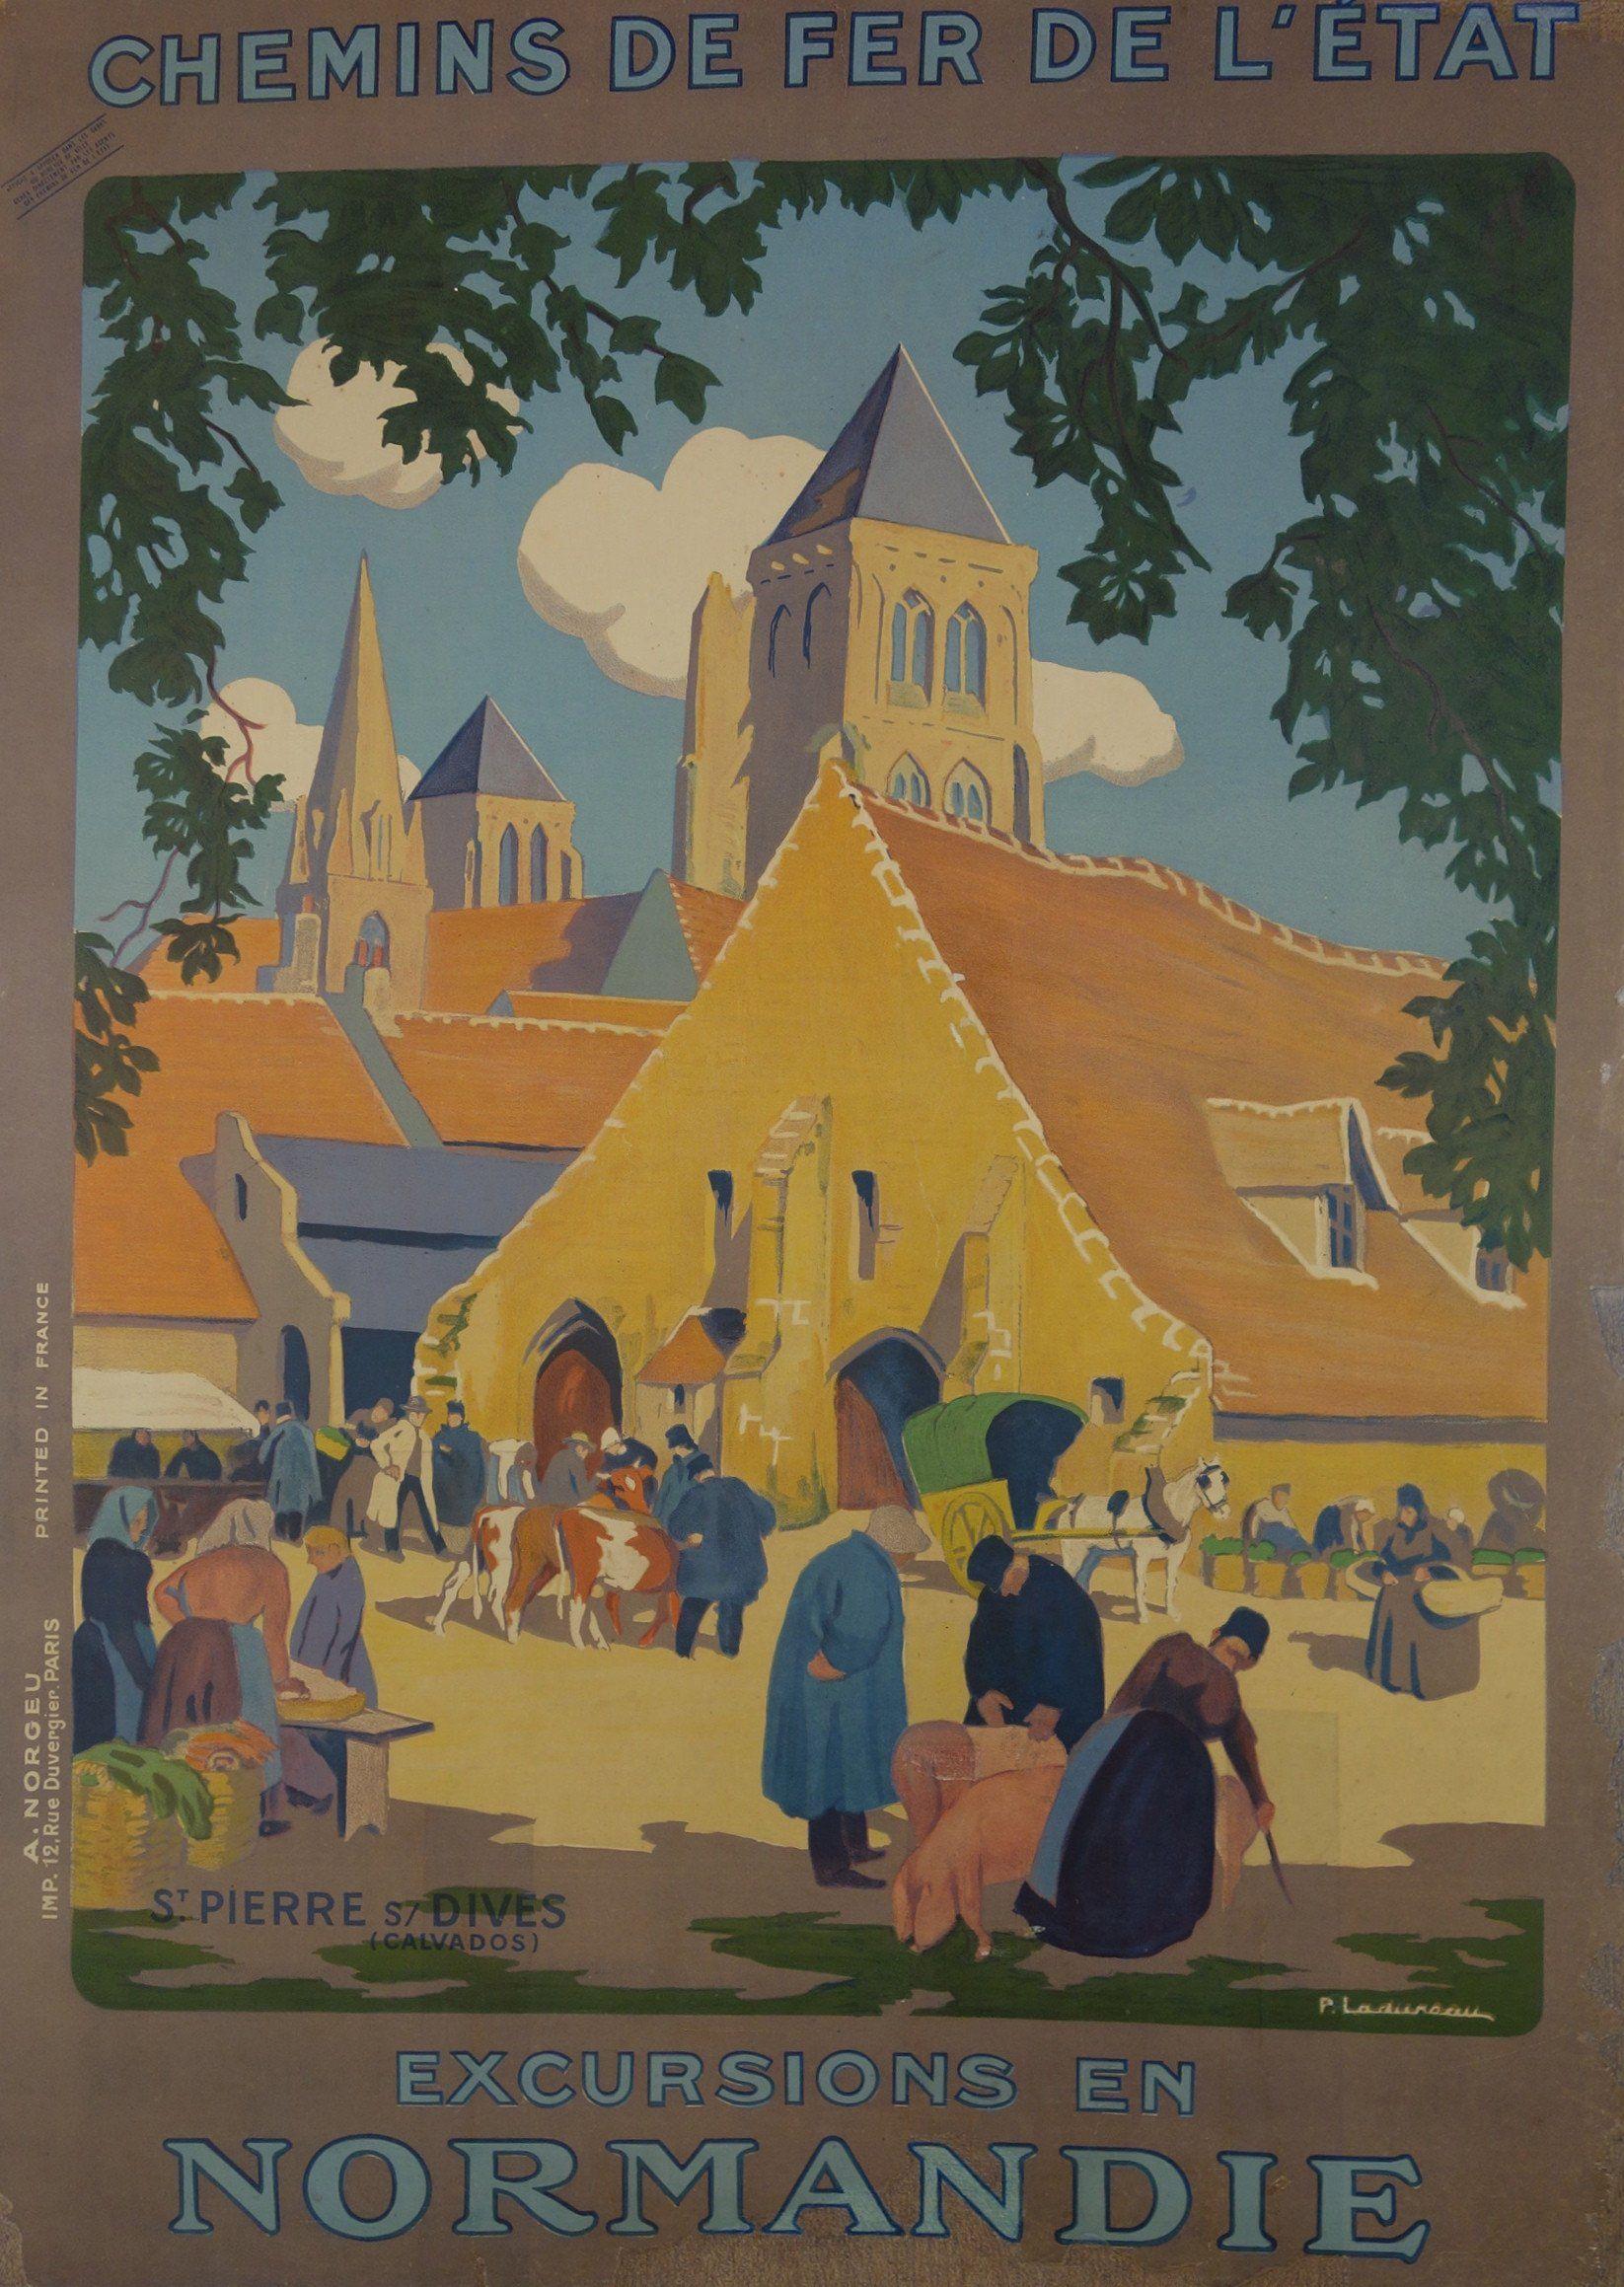 Chemins De Fer De L Etat Excursions En Normandie Vintage Travel Posters Vintage Posters Travel Posters